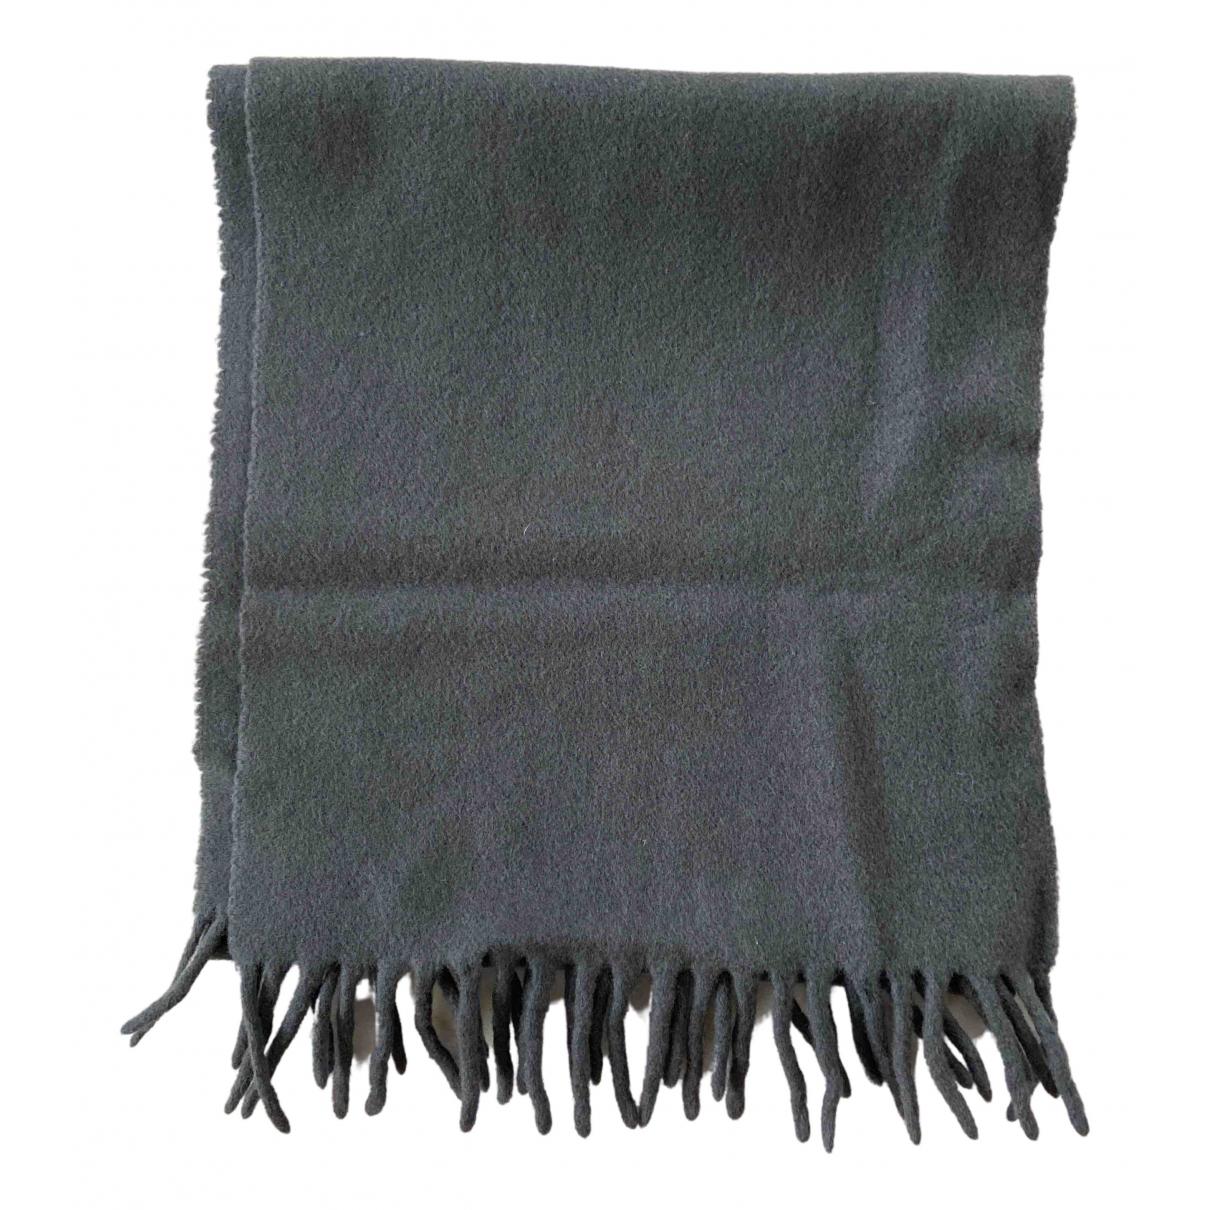 Valentino Garavani \N Tuecher, Schal in  Grau Wolle